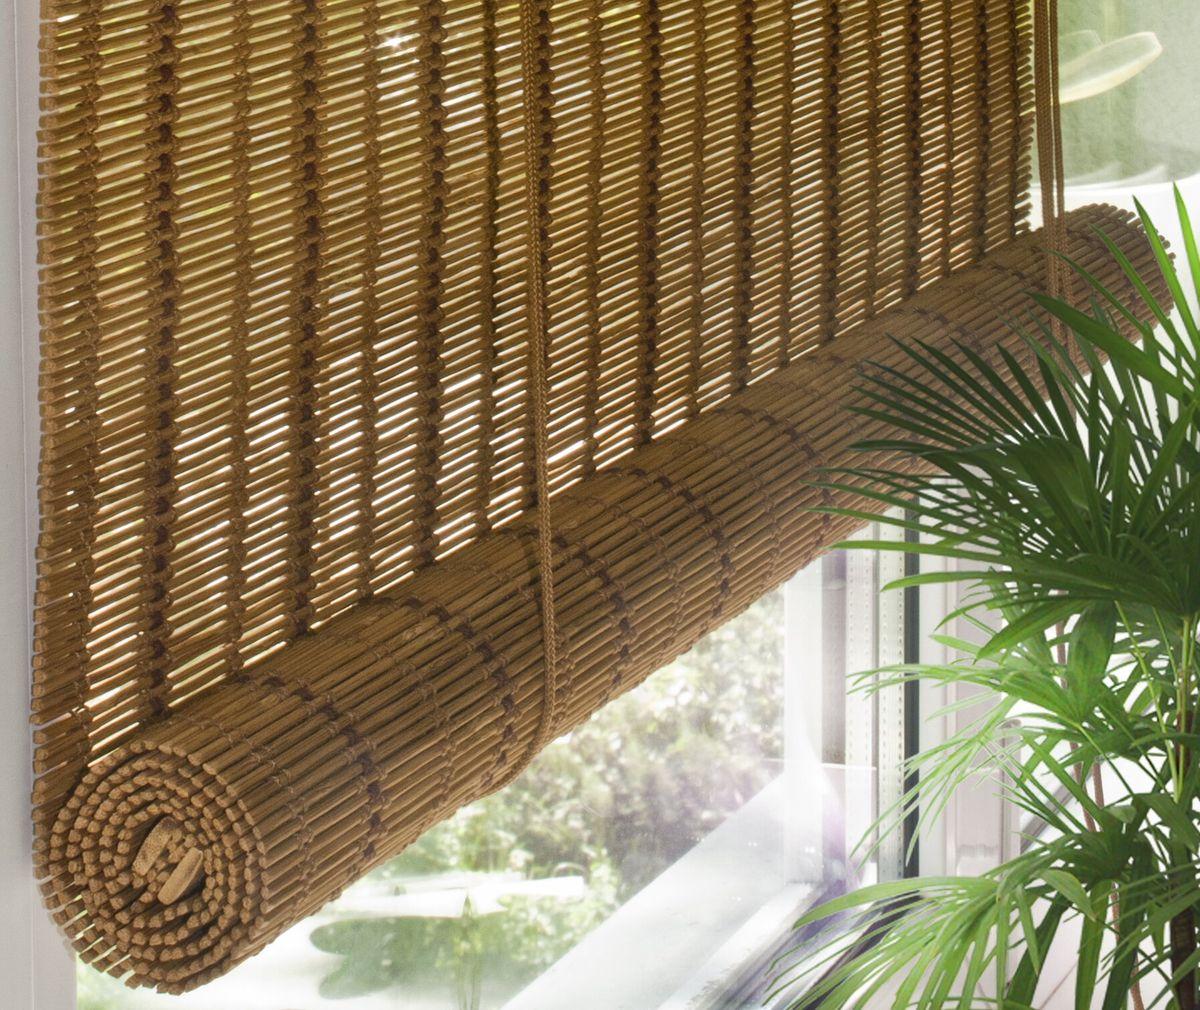 Штора рулонная Эскар Бамбук, цвет: медный, ширина 160 см, высота 160 см804948160160При оформлении интерьера современных помещений многие отдают предпочтение природным материалам. Бамбуковые рулонные шторы - одно из натуральных изделий, способное сделать атмосферу помещения более уютной и в то же время необычной. Свойства бамбука уникальны: он экологически чист, так как быстро вырастает, благодаря чему не успевает накопить вредные вещества из окружающей среды. Кроме того, растение обладает противомикробным и антибактериальным действием. Занавеси из бамбука безопасно использовать в помещениях, где находятся новорожденные дети и люди, склонные к аллергии. Они незаменимы для тех, кто заботится о своем здоровье и уделяет внимание высокому уровню жизни.Бамбуковые рулонные шторы представляют собой полотно, состоящее из тонких бамбуковых стеблей и сворачиваемое в рулон.Римские бамбуковые шторы, как и тканевые римские шторы, при поднятии образуют крупные складки, которые прекрасно декорируют окно.Особенность устройства полотна позволяет свободно пропускать дневной свет, что обеспечивает мягкое освещение комнаты. Это натуральный влагостойкий материал, который легко вписывается в любой интерьер, хорошо сочетается с различной мебелью и элементами отделки. Использование бамбукового полотна придает помещению необычный вид и визуально расширяет пространство.Помимо внешней красоты, это еще и очень удобные конструкции, экономящие пространство. Изготавливаются они из специальных материалов, устойчивых к внешним воздействиям. Сама штора очень эргономичная, и позволяет изменять визуально пространство в зависимости от потребностей владельца.